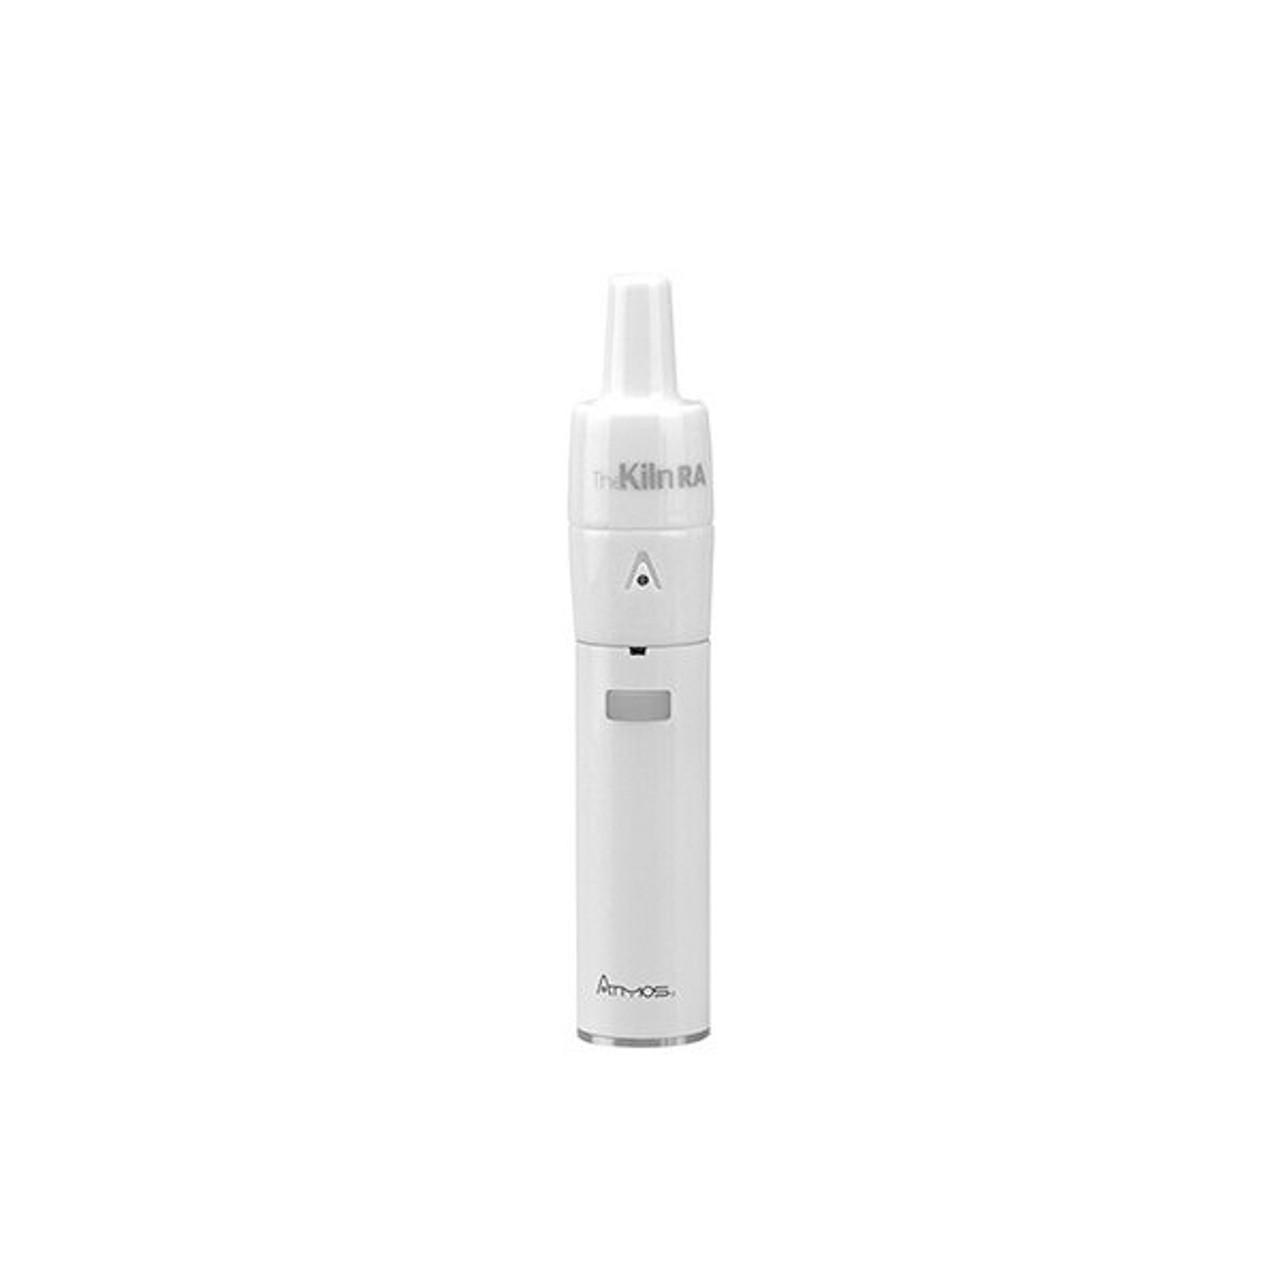 Atmos Kiln RA Kit - White